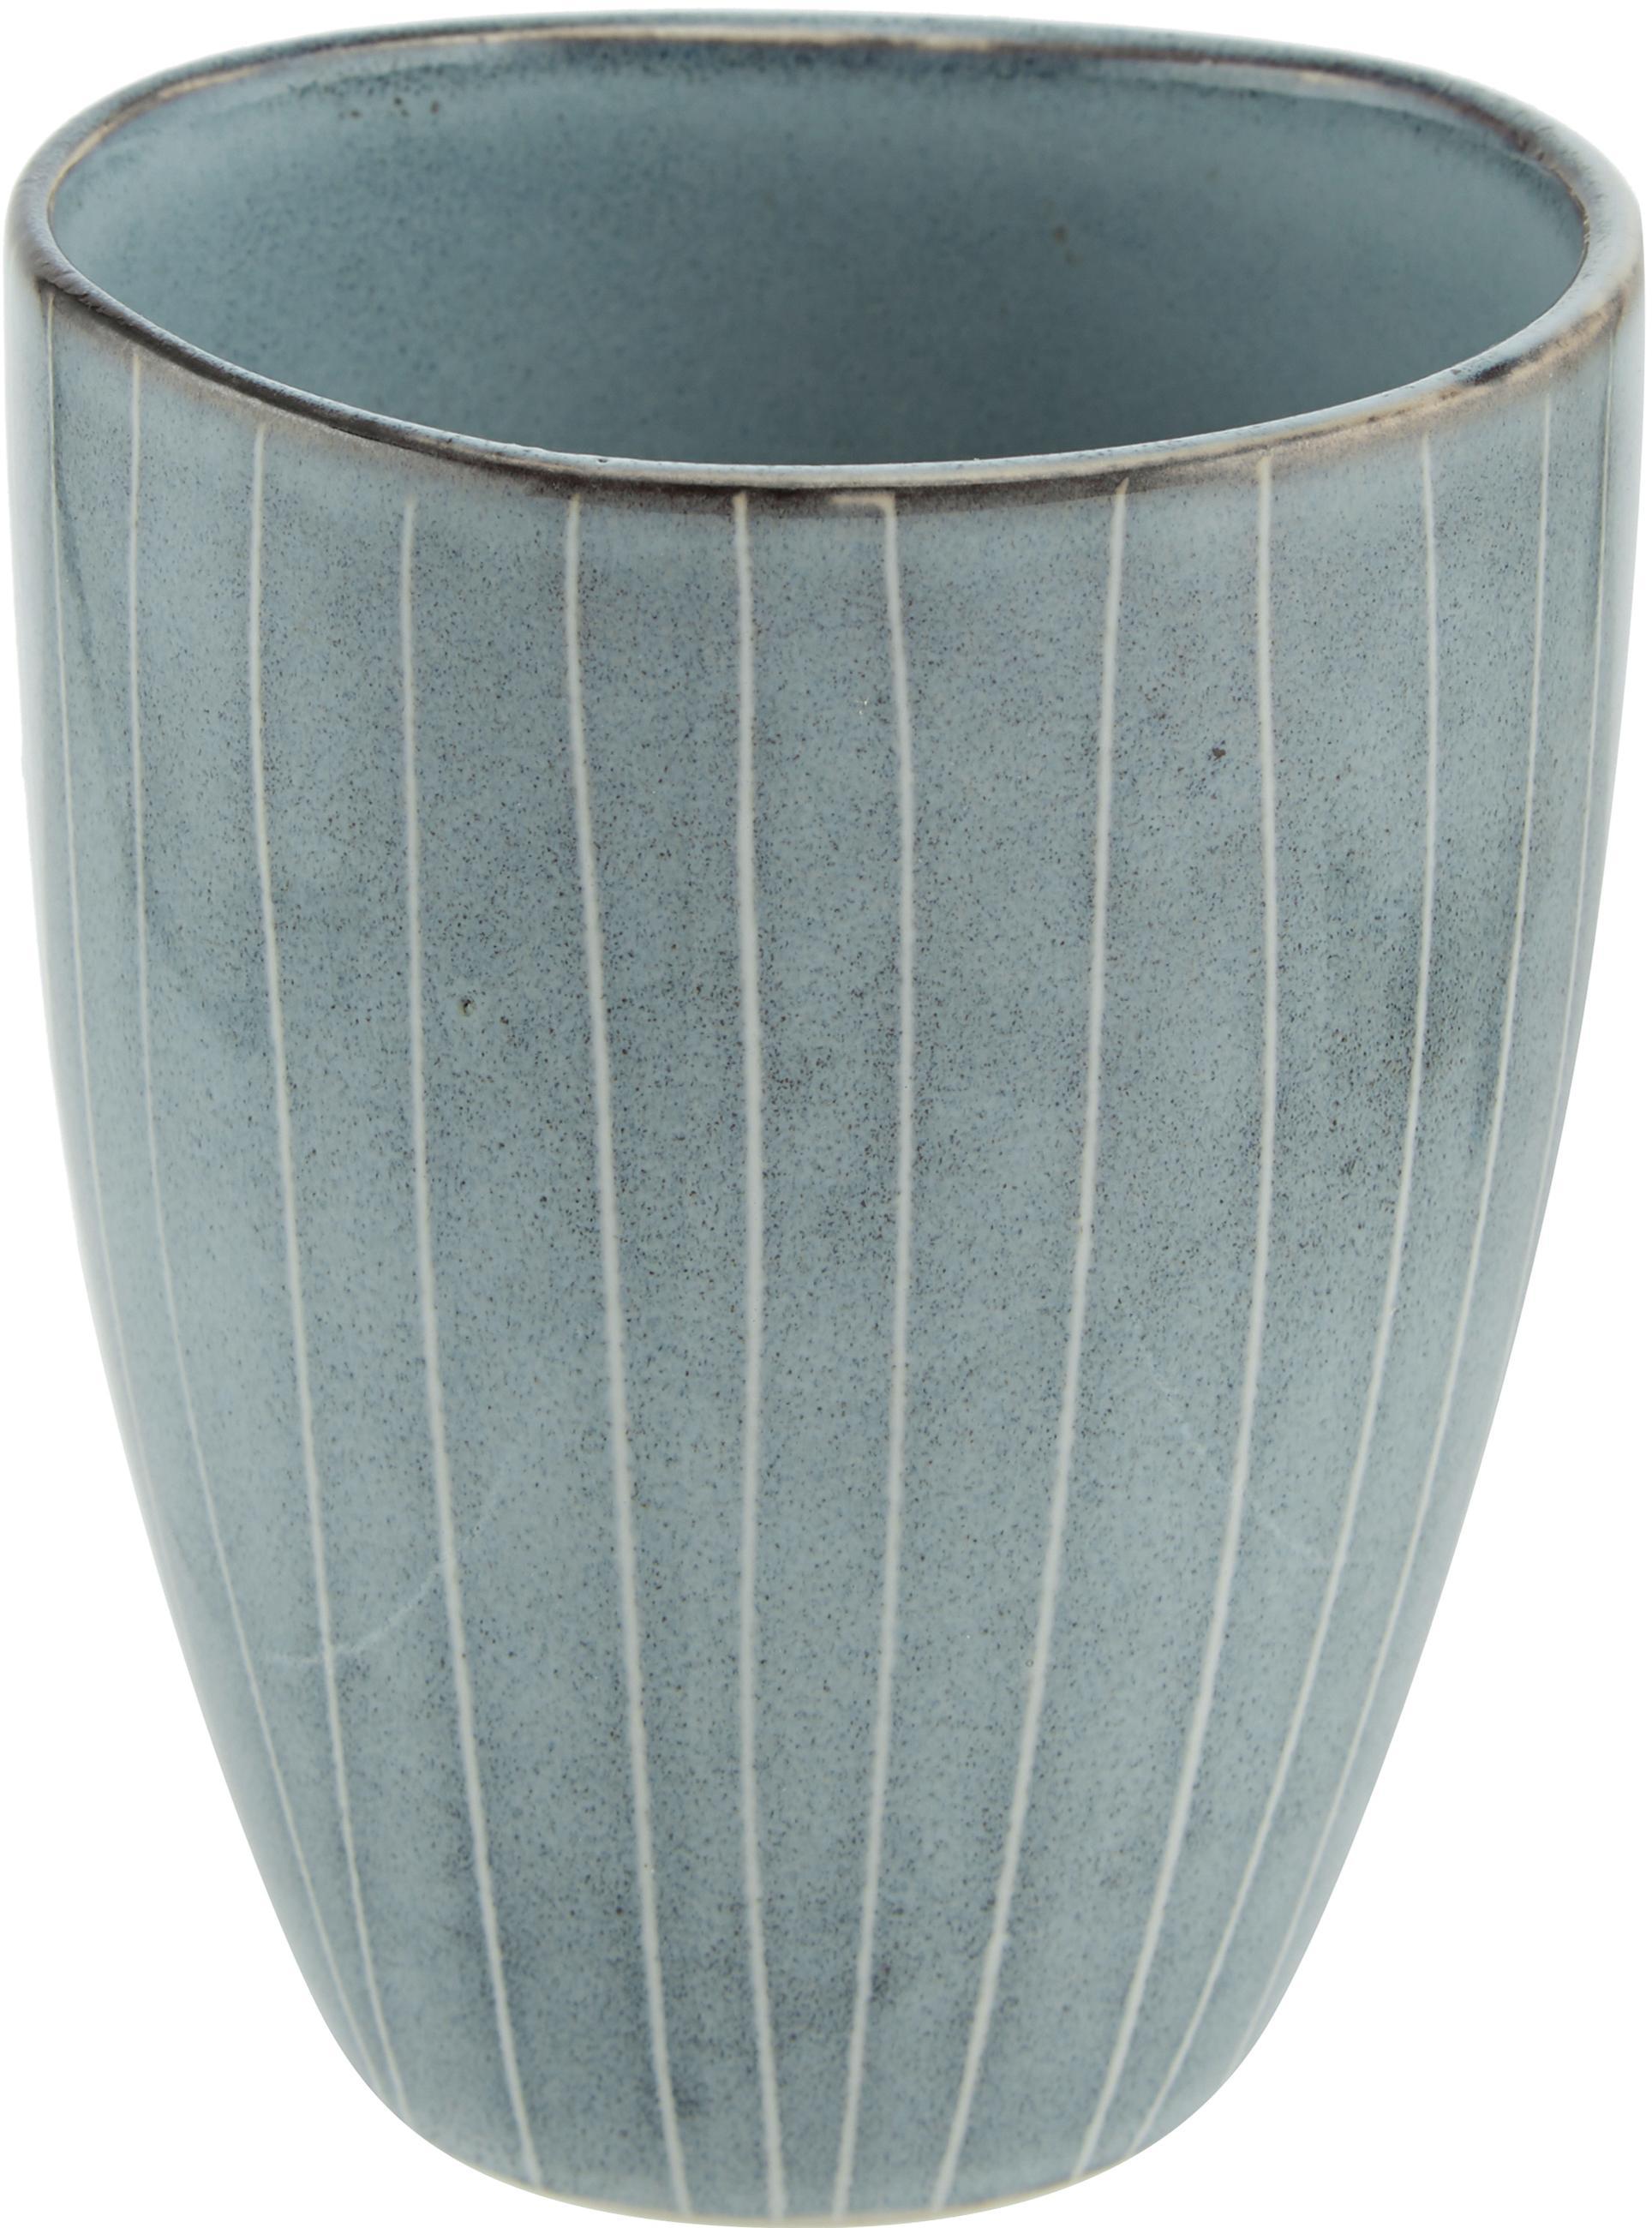 Ręcznie wykonany kubek z kamionki Nordic Sea, 6 szt., Kamionka, Szary i odcienie niebieskiego, Ø 8 x W 10 cm